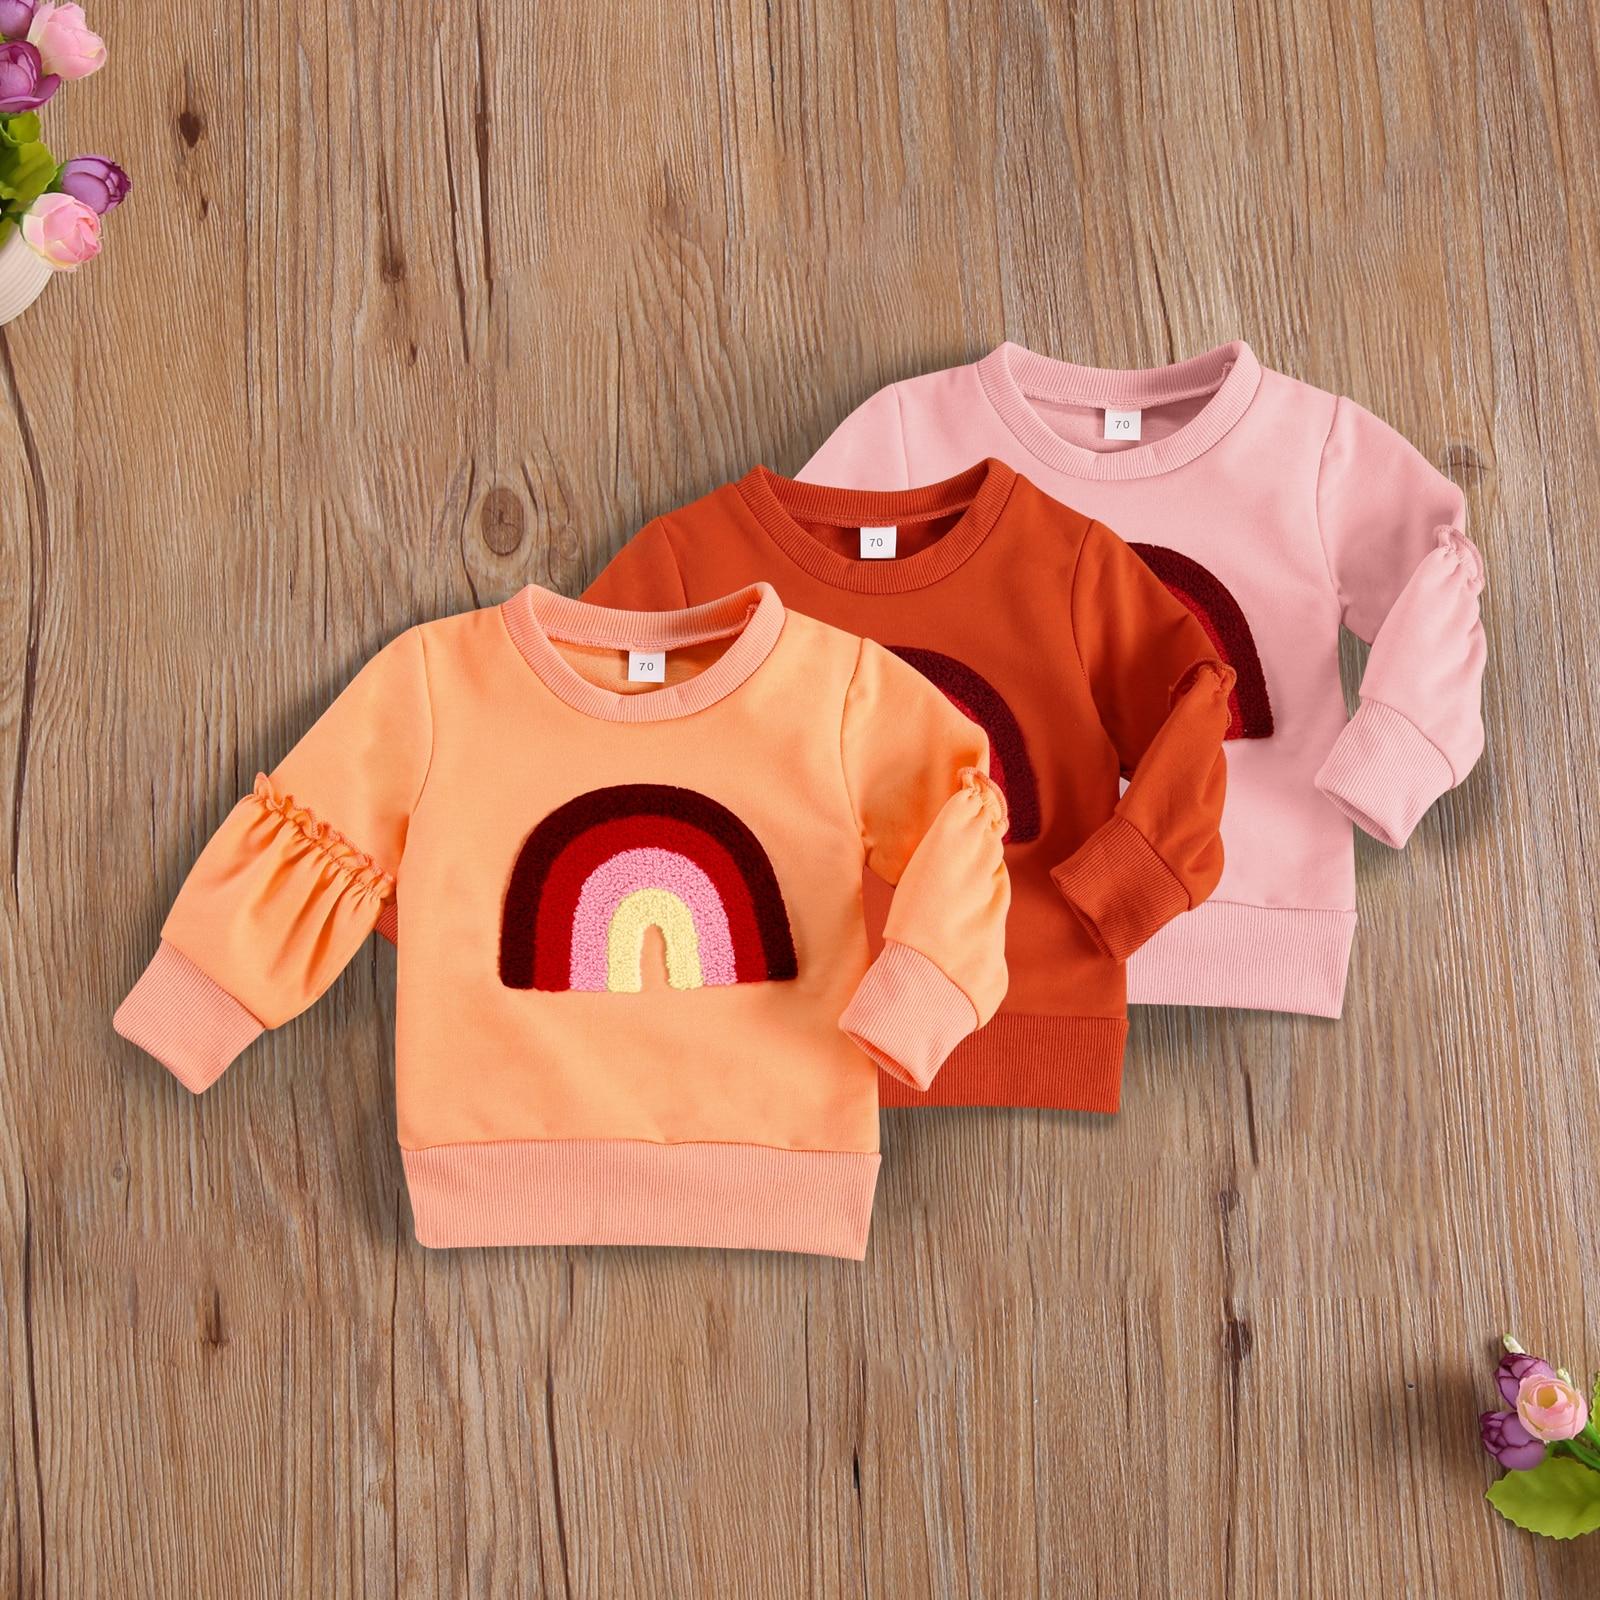 2021 Kid Girl Top Autumn Crewneck Sweatshirts Long Sleeve Casual Elastic Cuff Hem Windproof Warm Rainbow Sweatshirt 0-24M